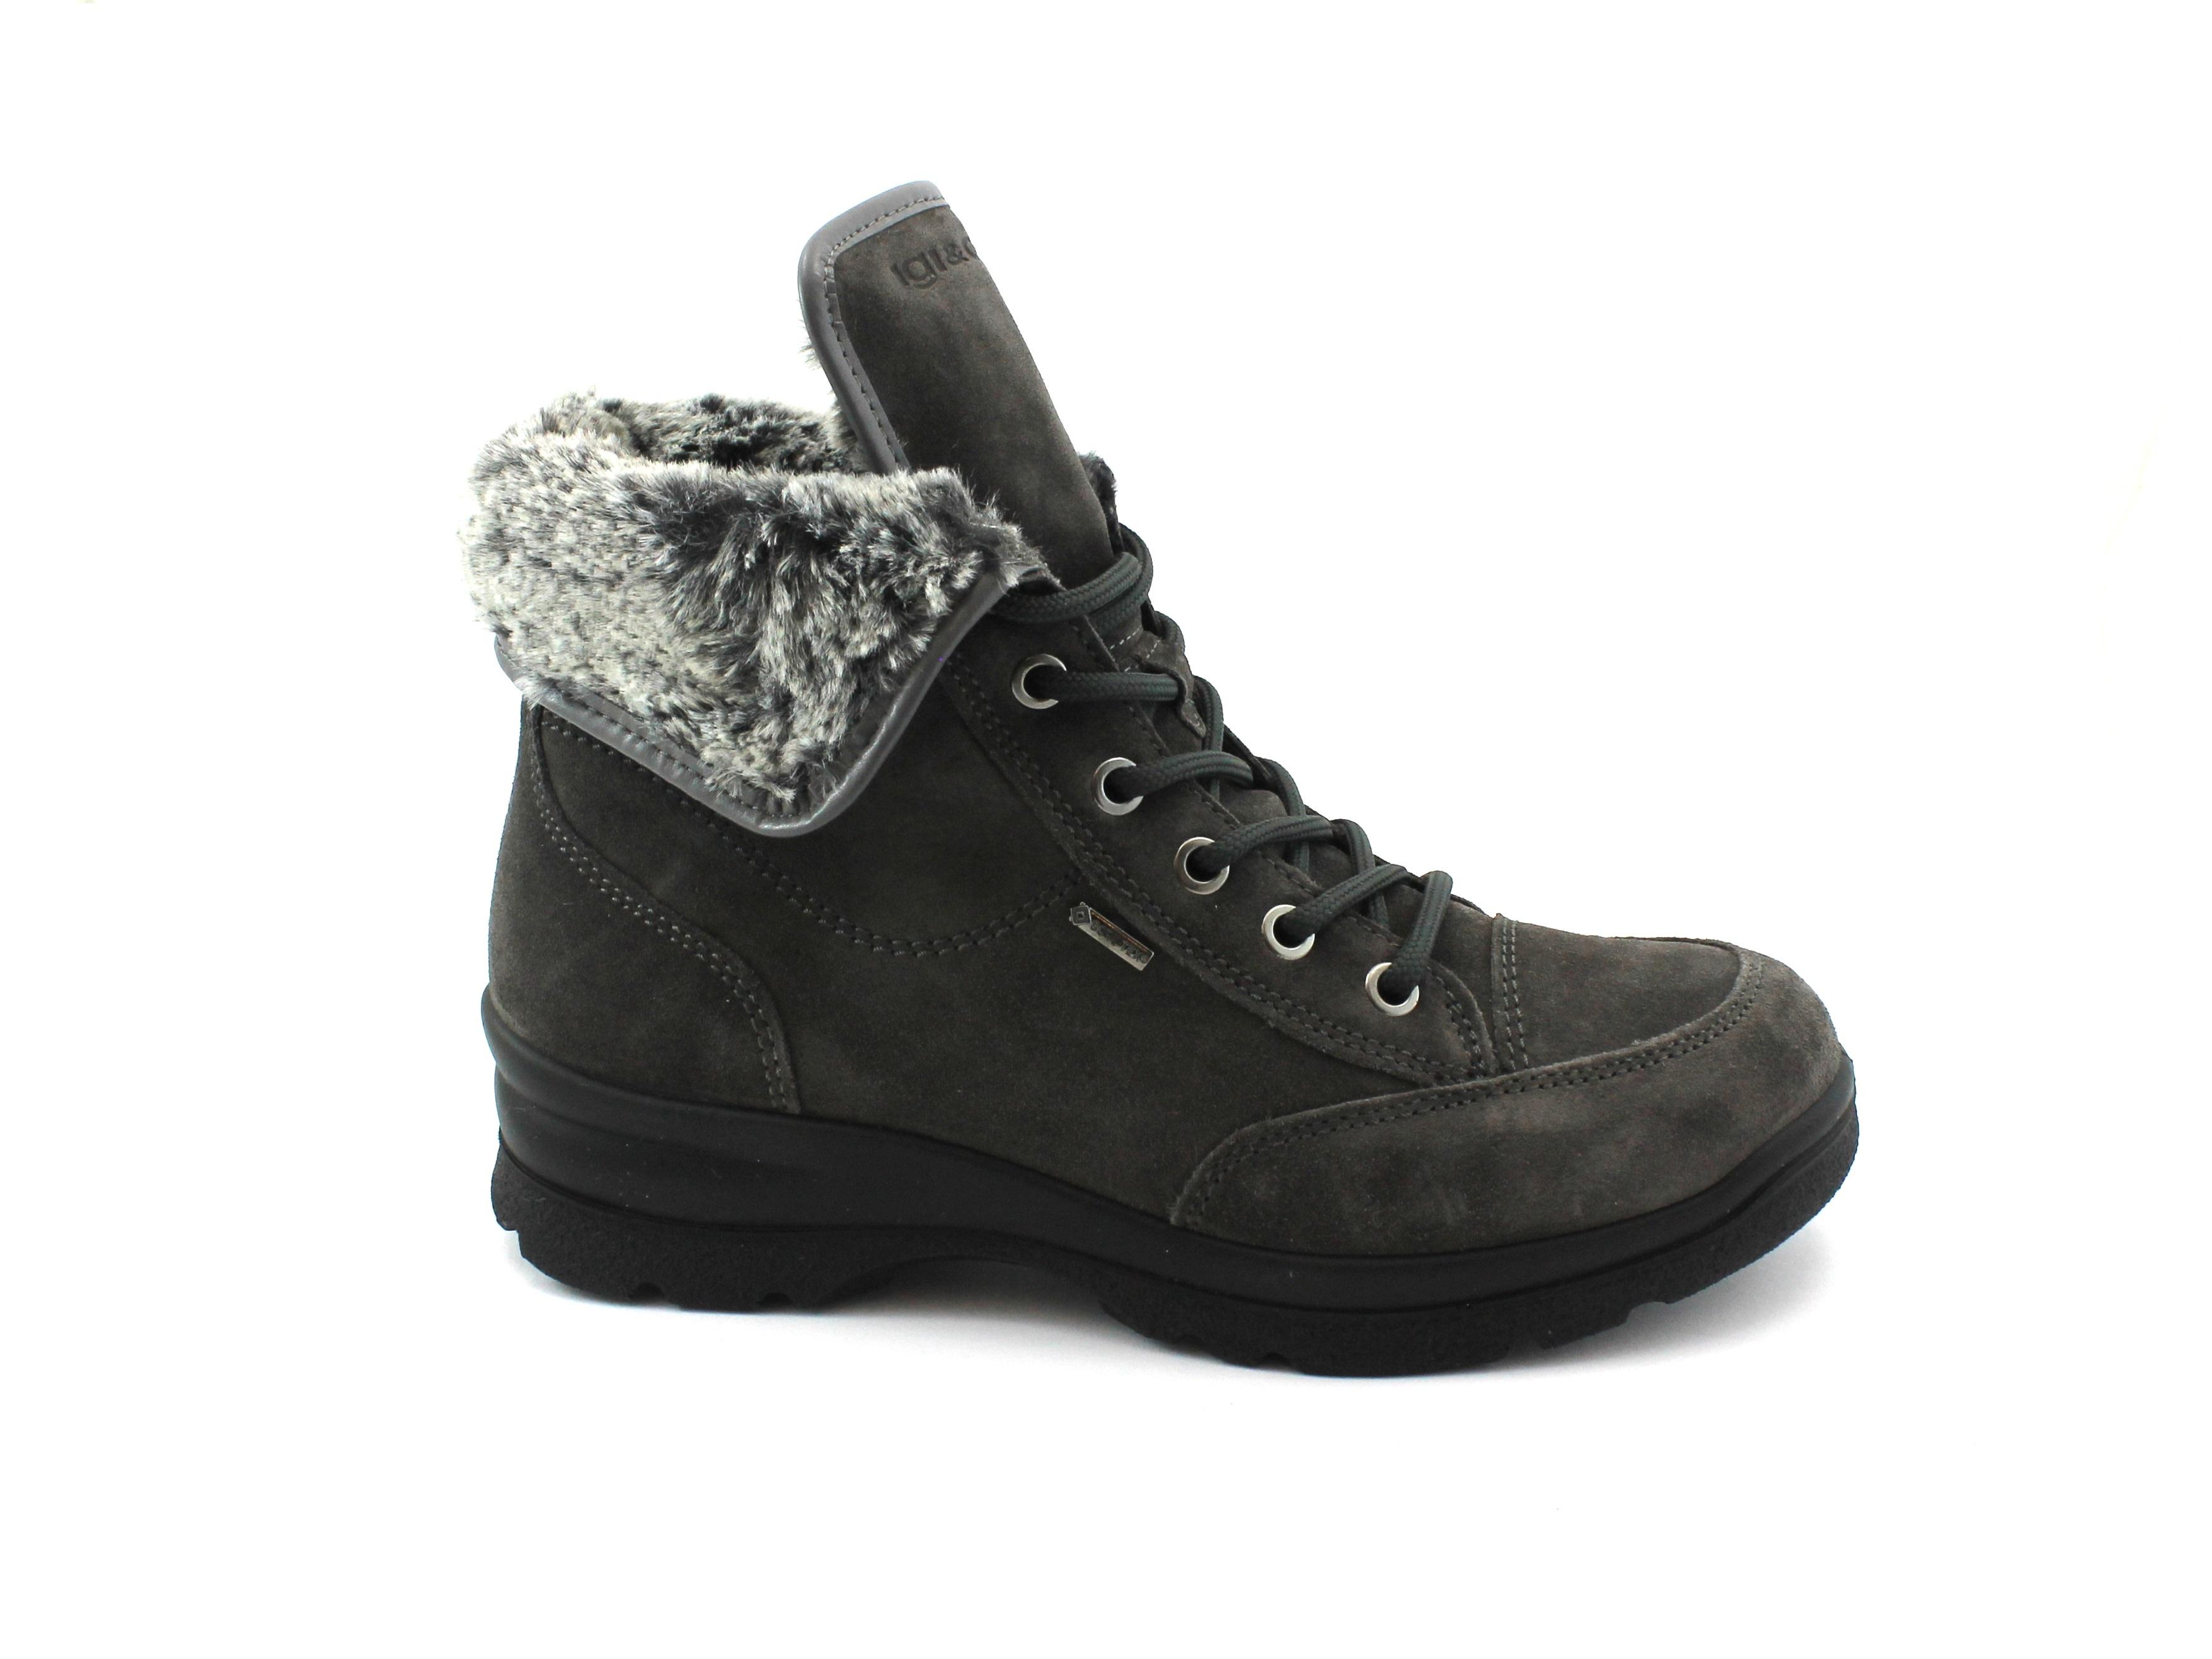 IGI&CO IGI&CO IGI&CO 2165111 grigio donna scarpe scarponcino lacci gore-tex pelo 5e09ef